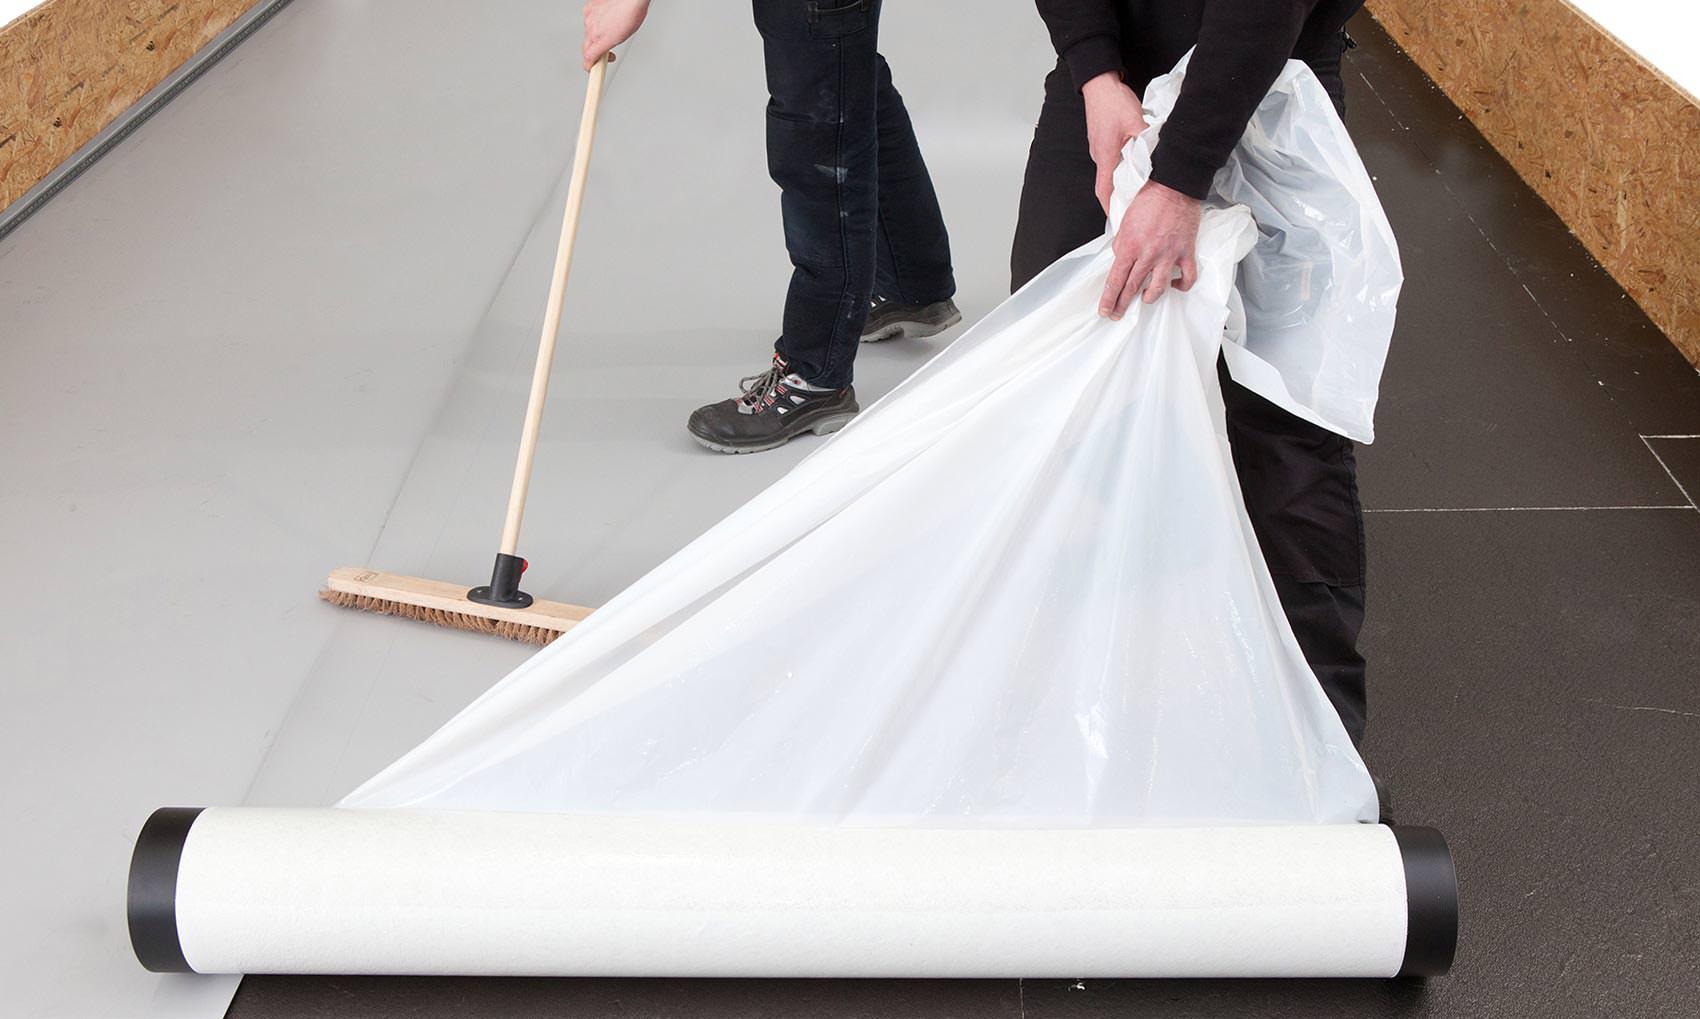 fpo dachbahnen von bauder jetzt auch kaltselbstklebend. Black Bedroom Furniture Sets. Home Design Ideas